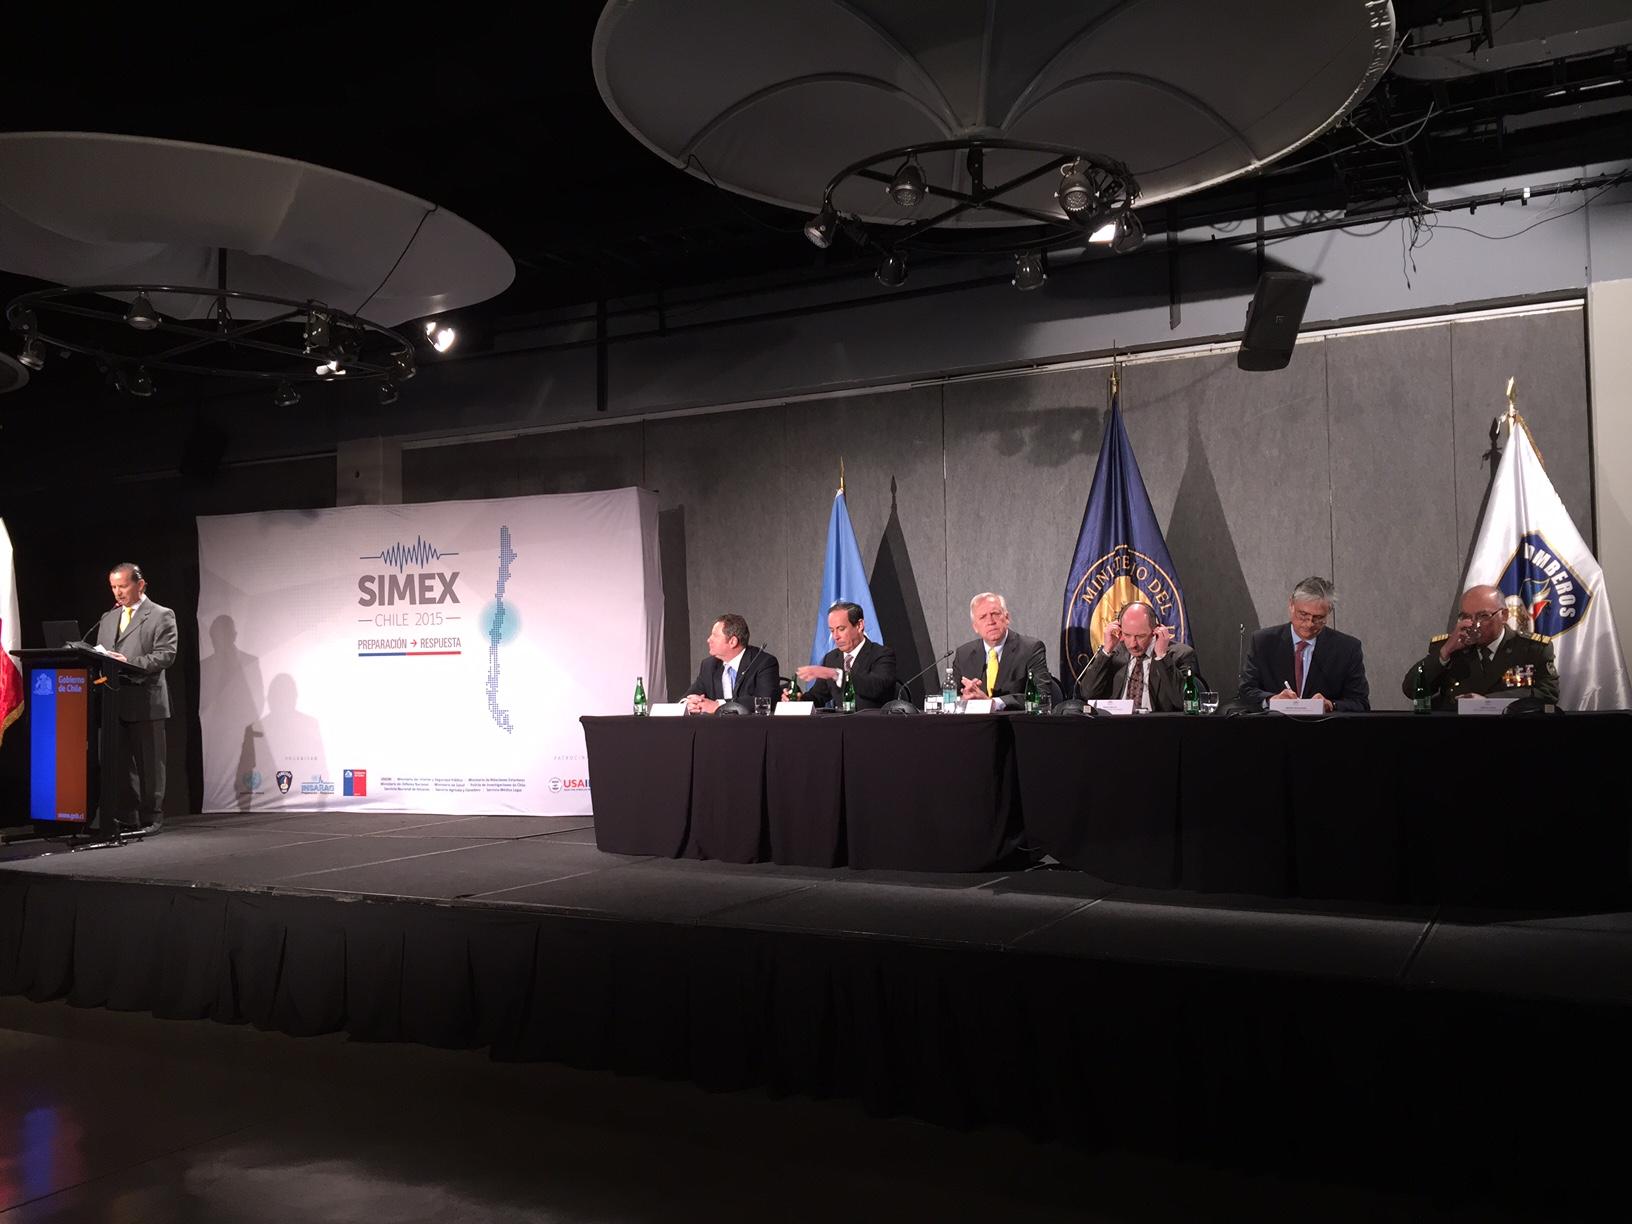 Autoridades inauguraron el ejercicio SIMEX 2015